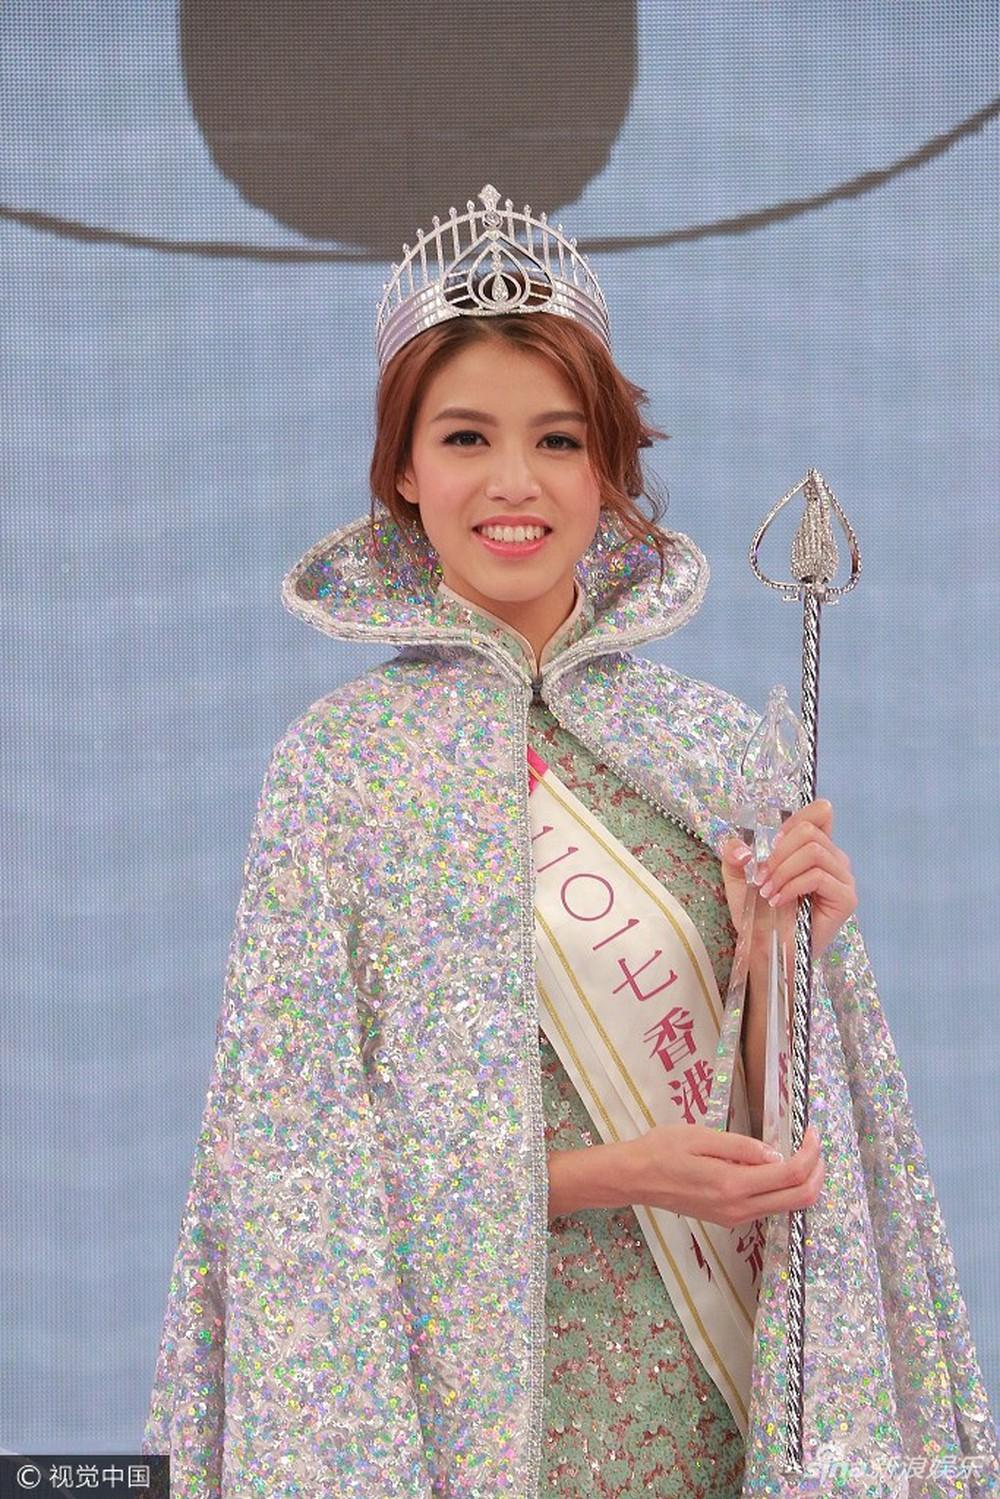 Các cuộc thi Hoa hậu trên thế giới: Công chúng chẳng còn quan tâm, đa số người chiến thắng chìm vào quên lãng - Ảnh 19.